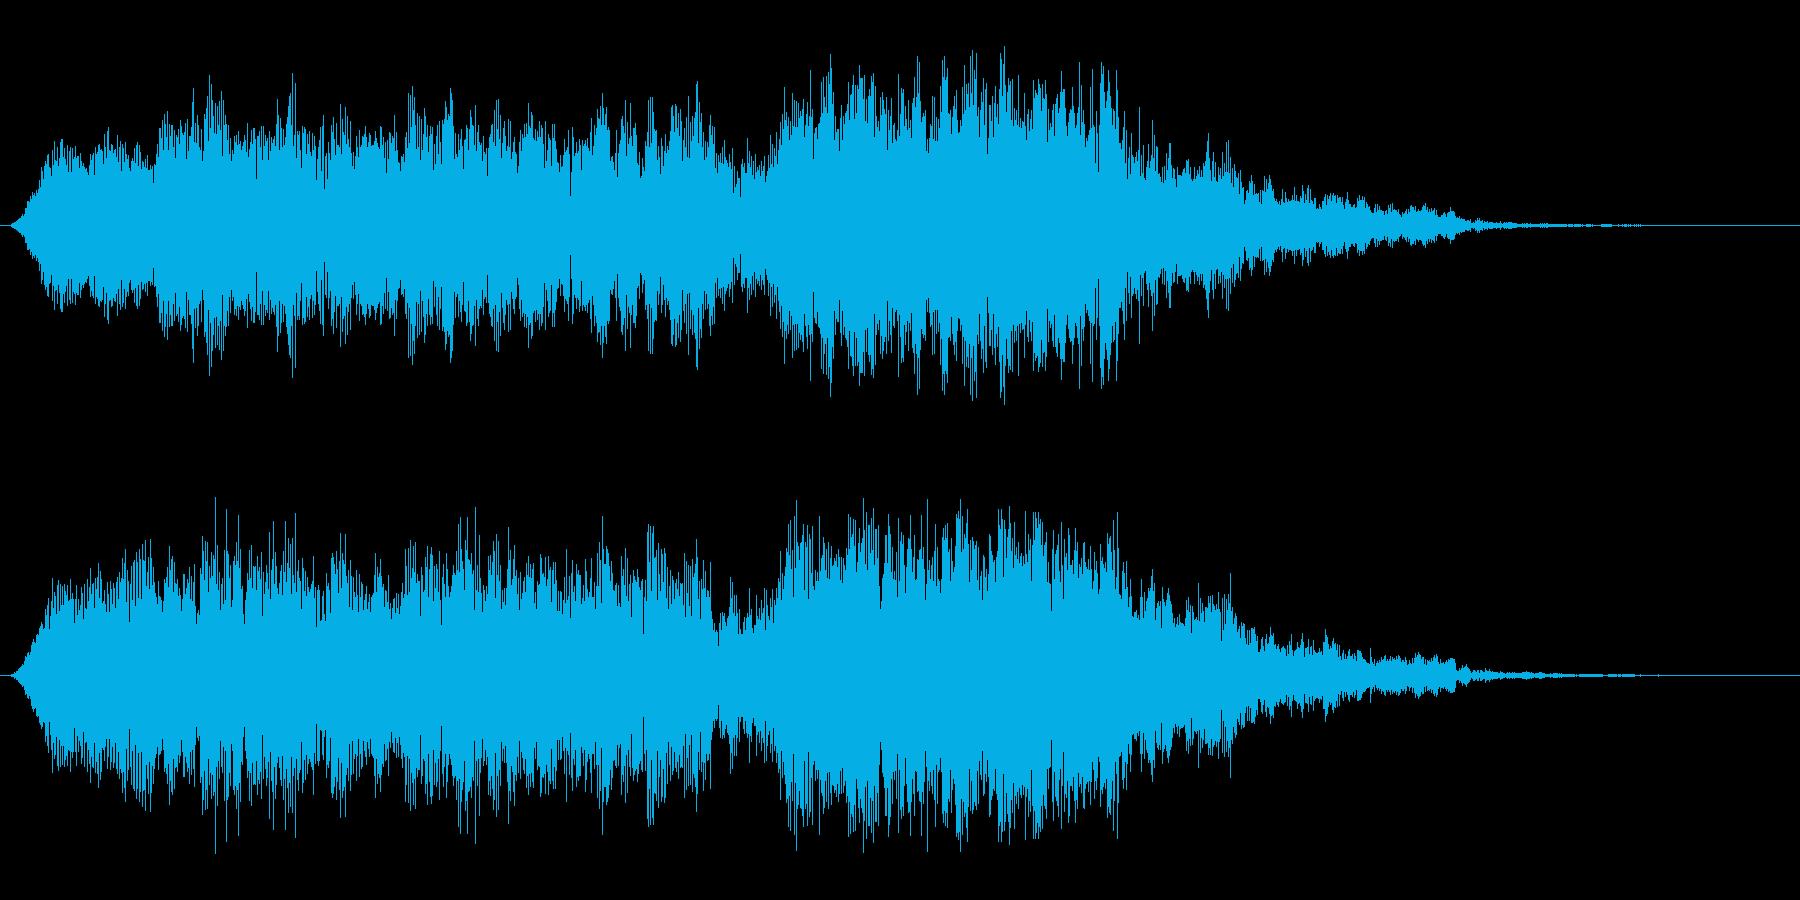 ピュユウユウ〜↑(強めのUFO音)の再生済みの波形